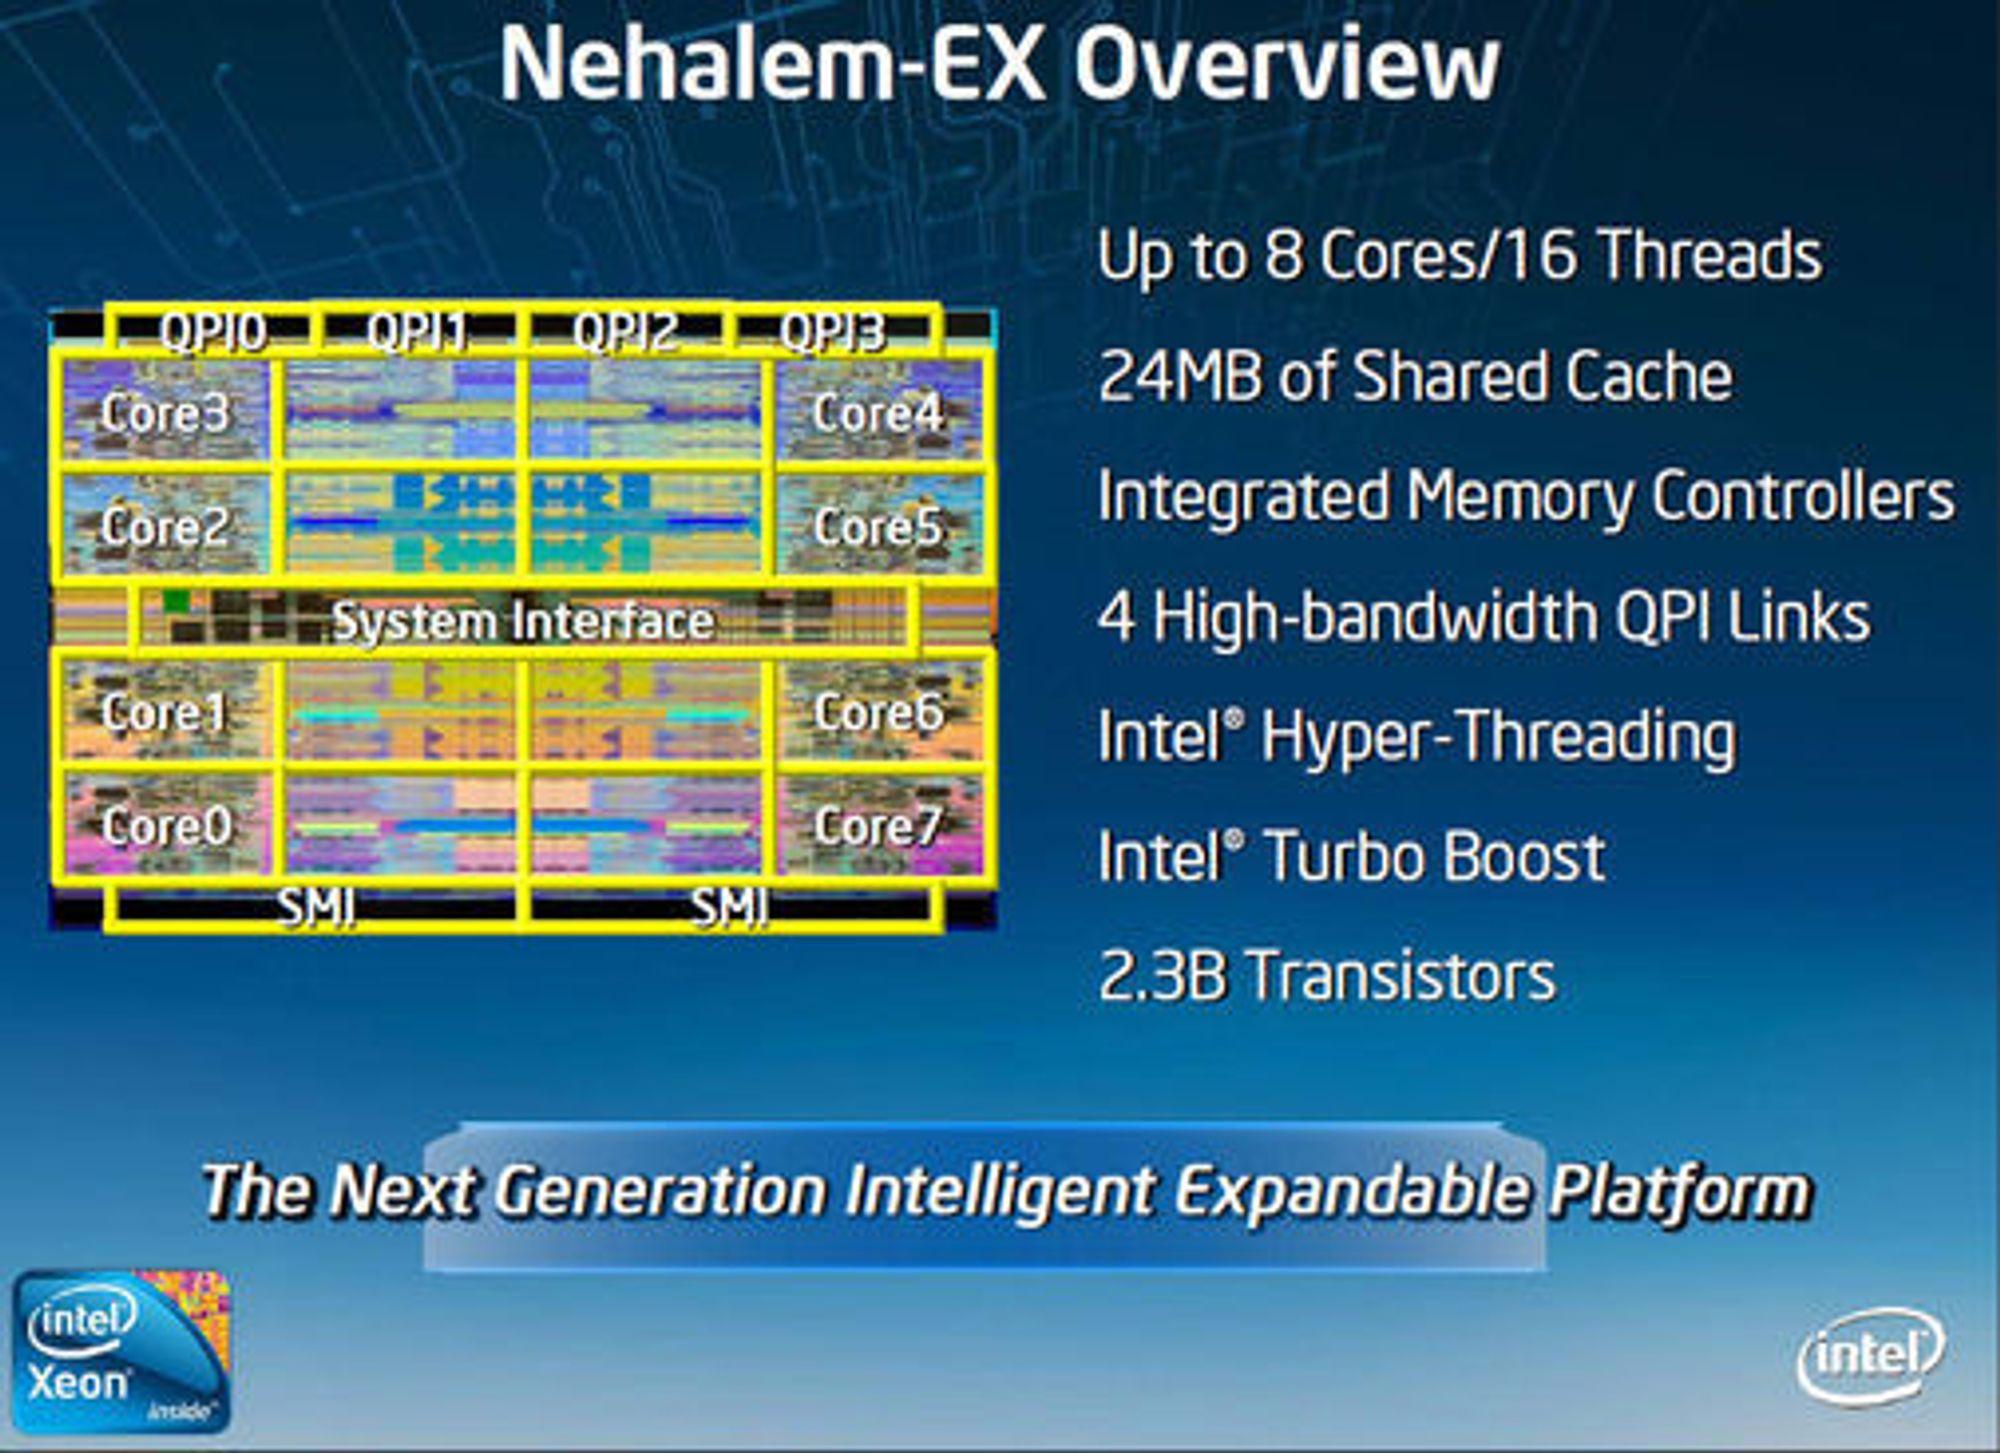 Oversikt over de viktigste teknologinyhetene i Nehalem-EX